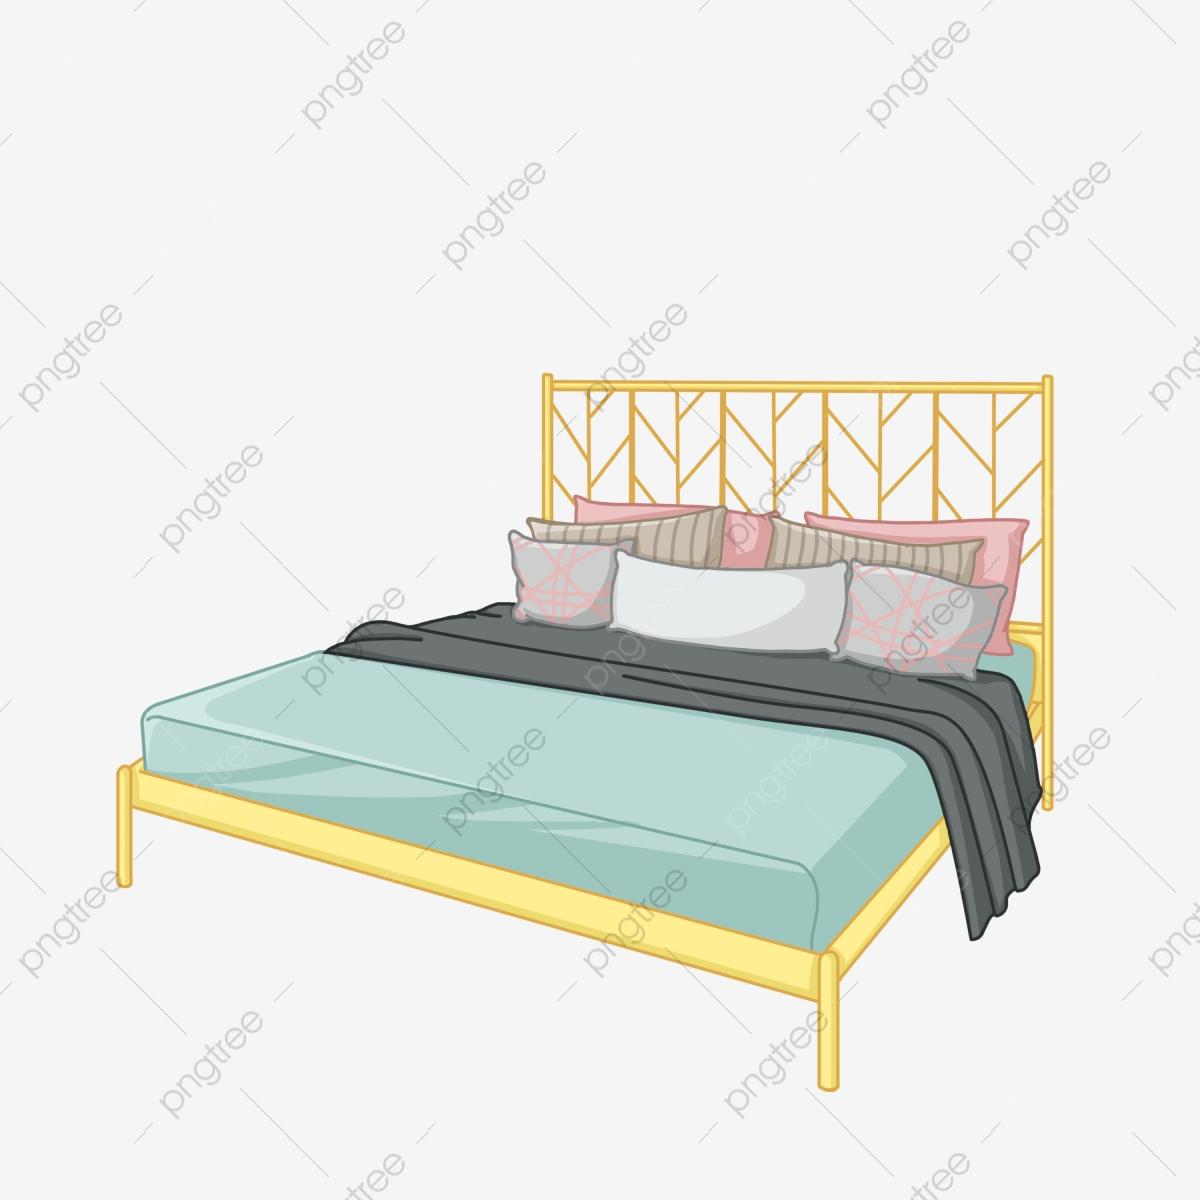 Bedroom clipart childrens bedroom bedroom. Indoor scenes children s